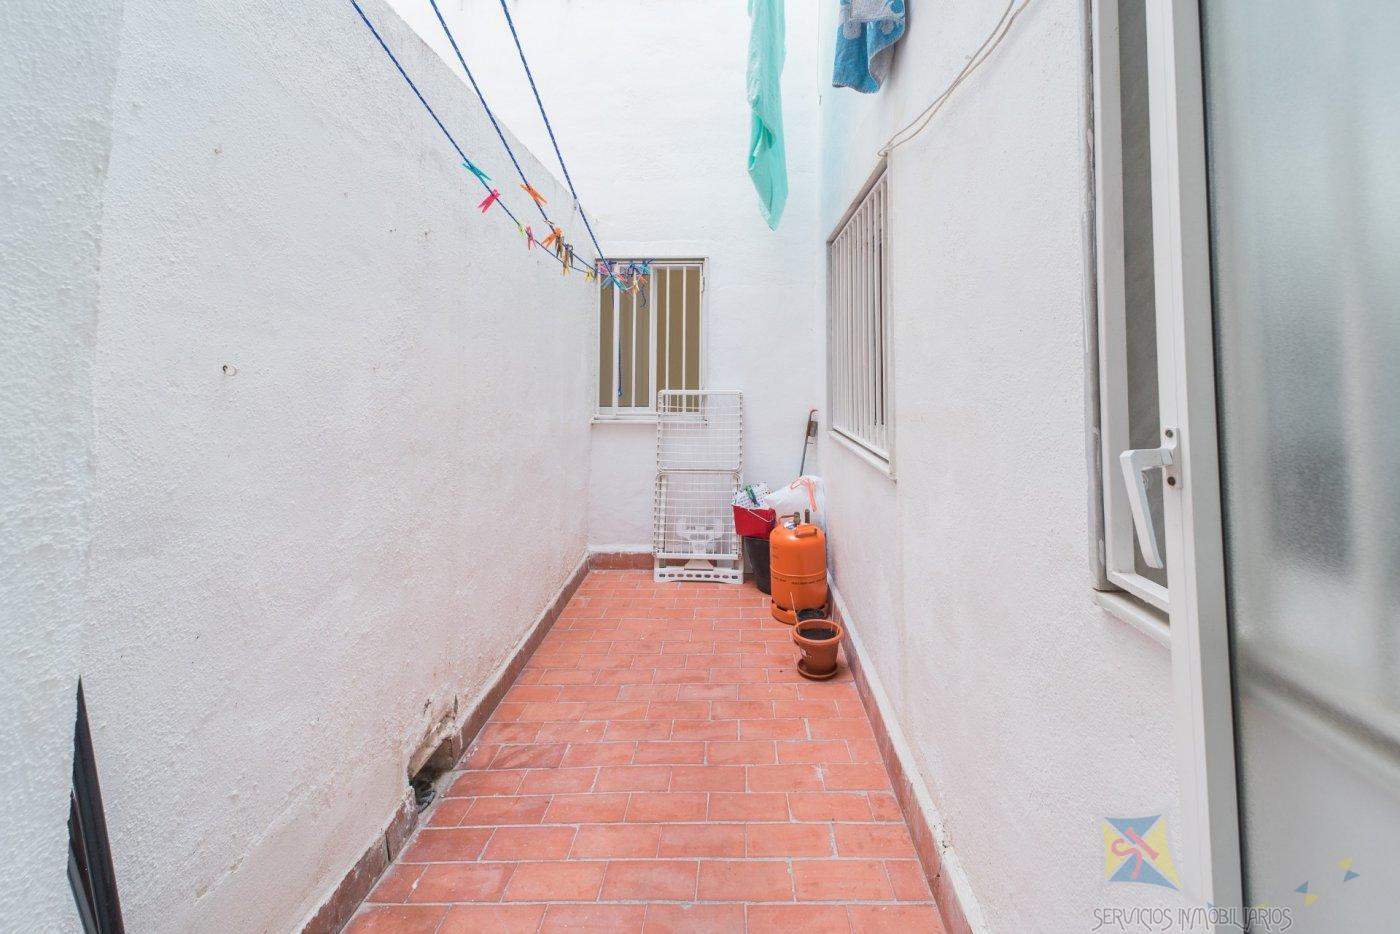 Venta de piso en Roquetas de Mar